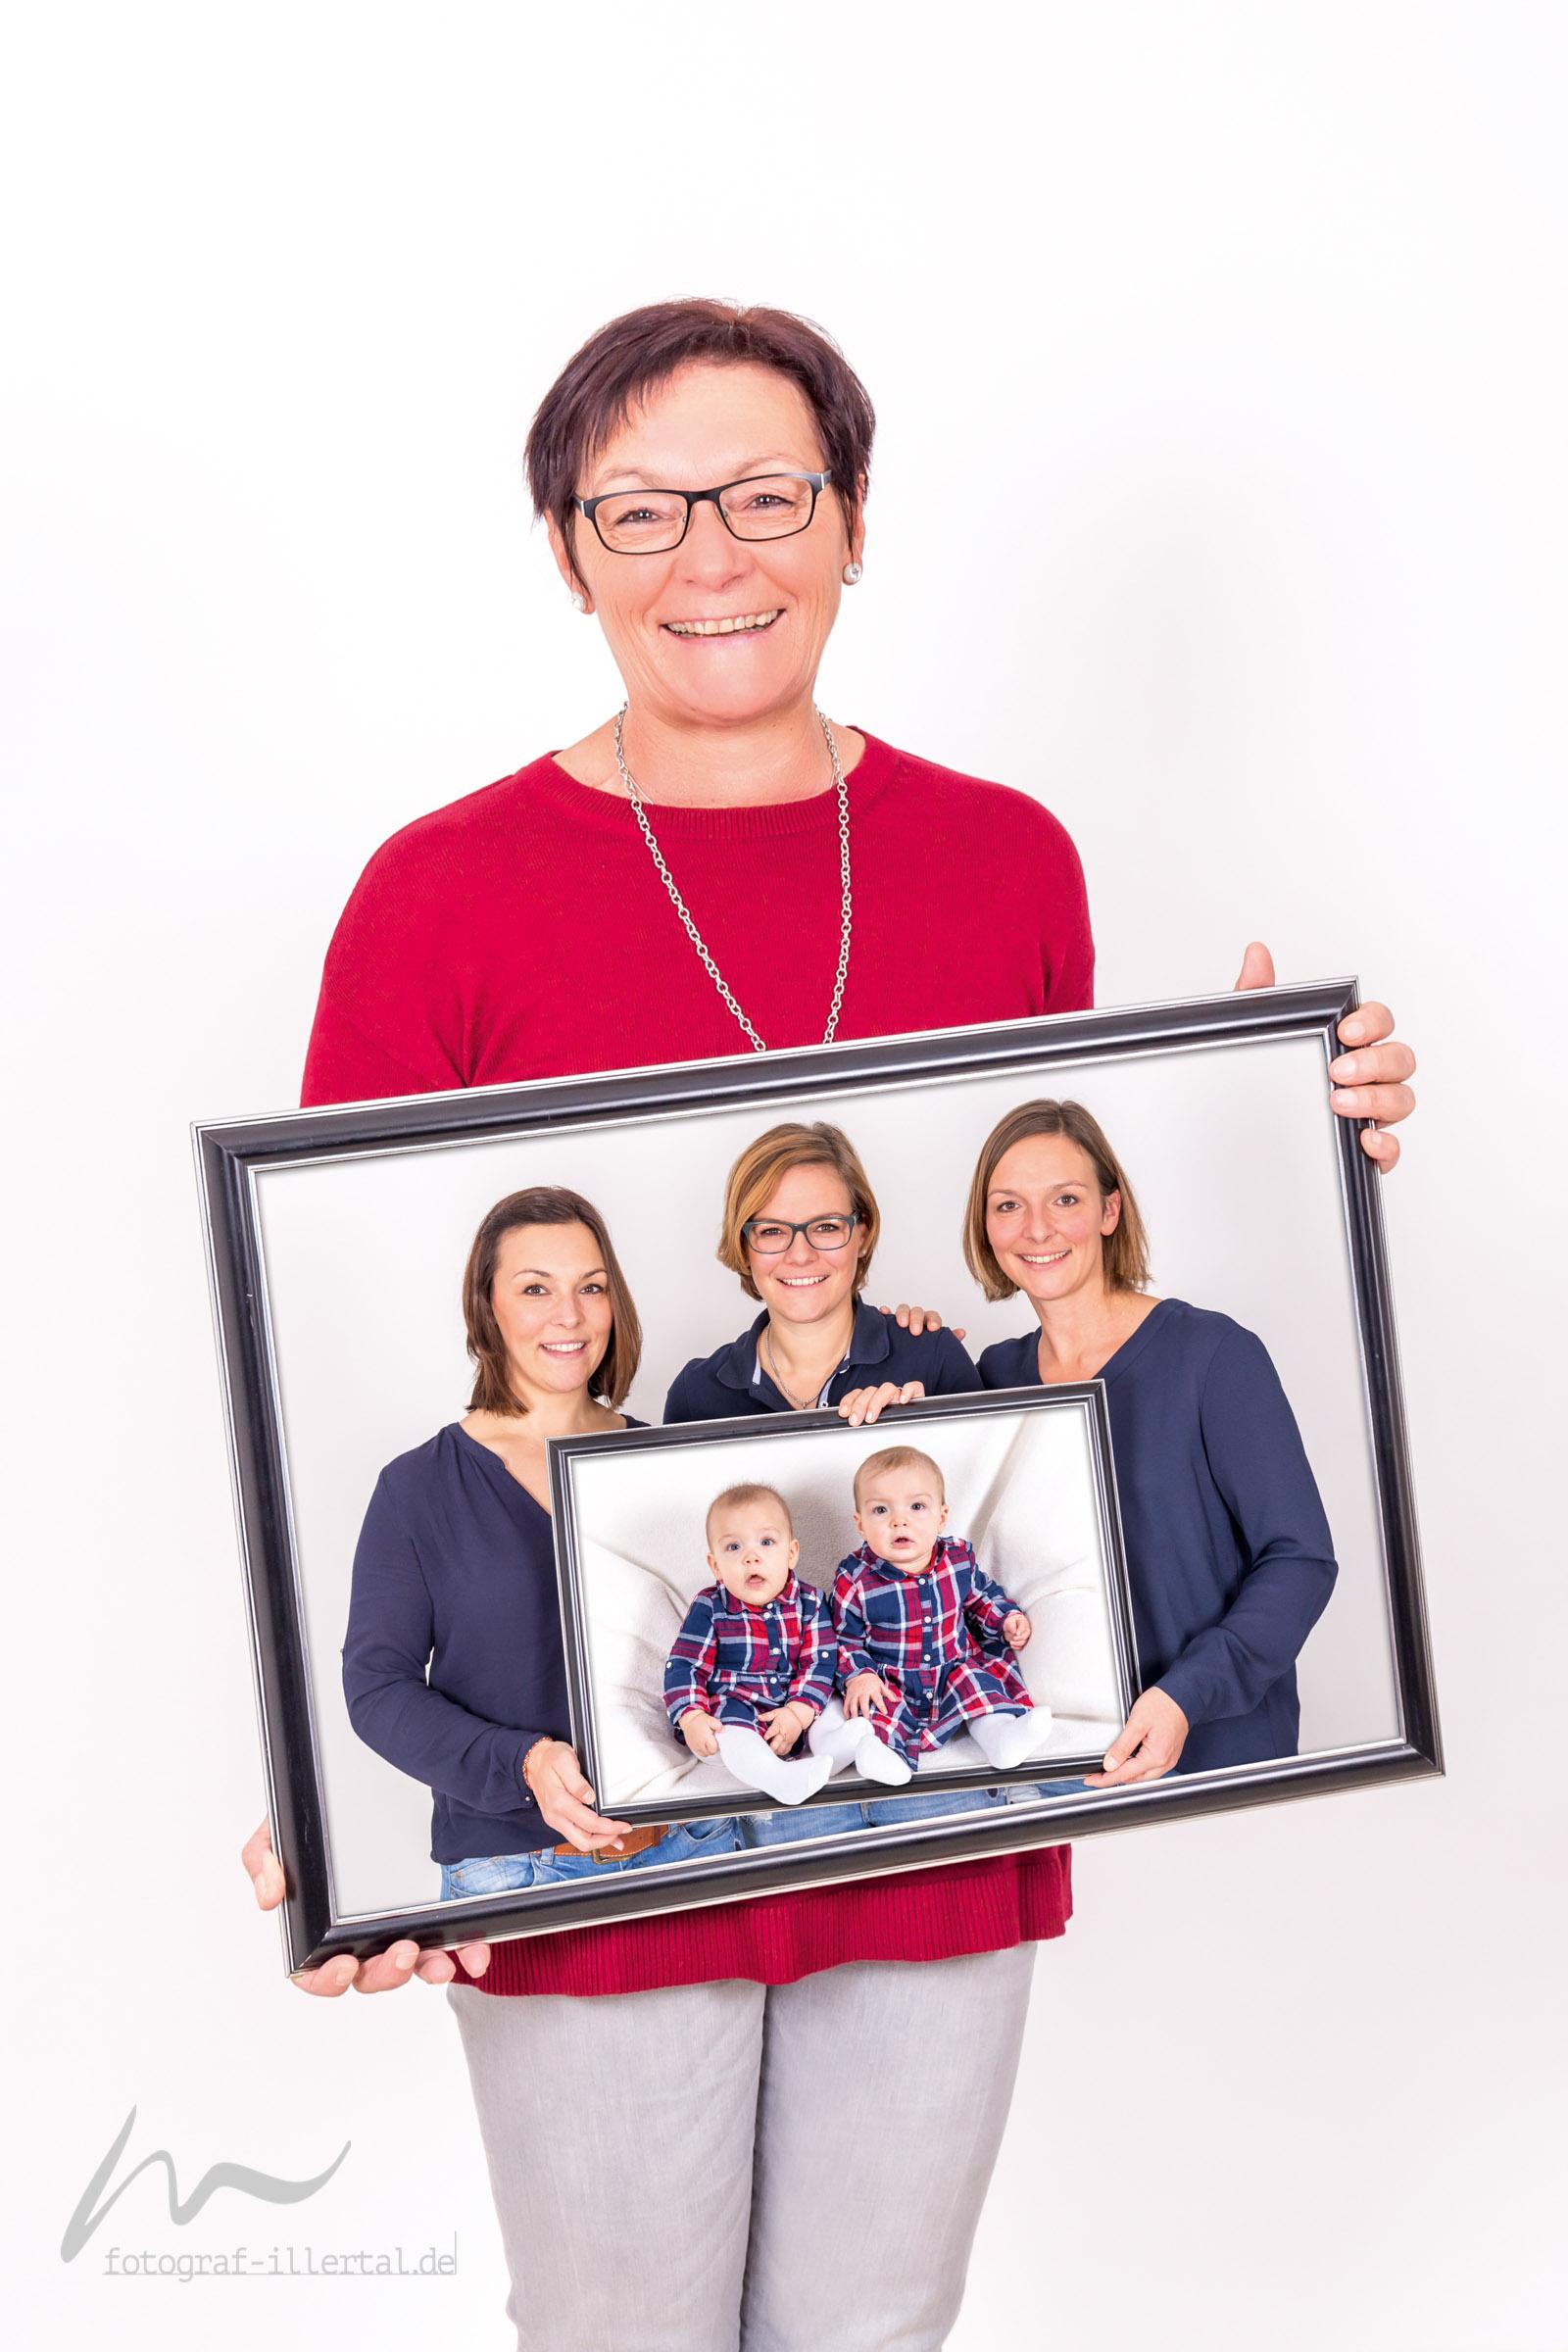 Fotograf Illertal-Christian Miller-Kinderfotos-Familienfotos-_Collage_Füsse-draussen_60x40